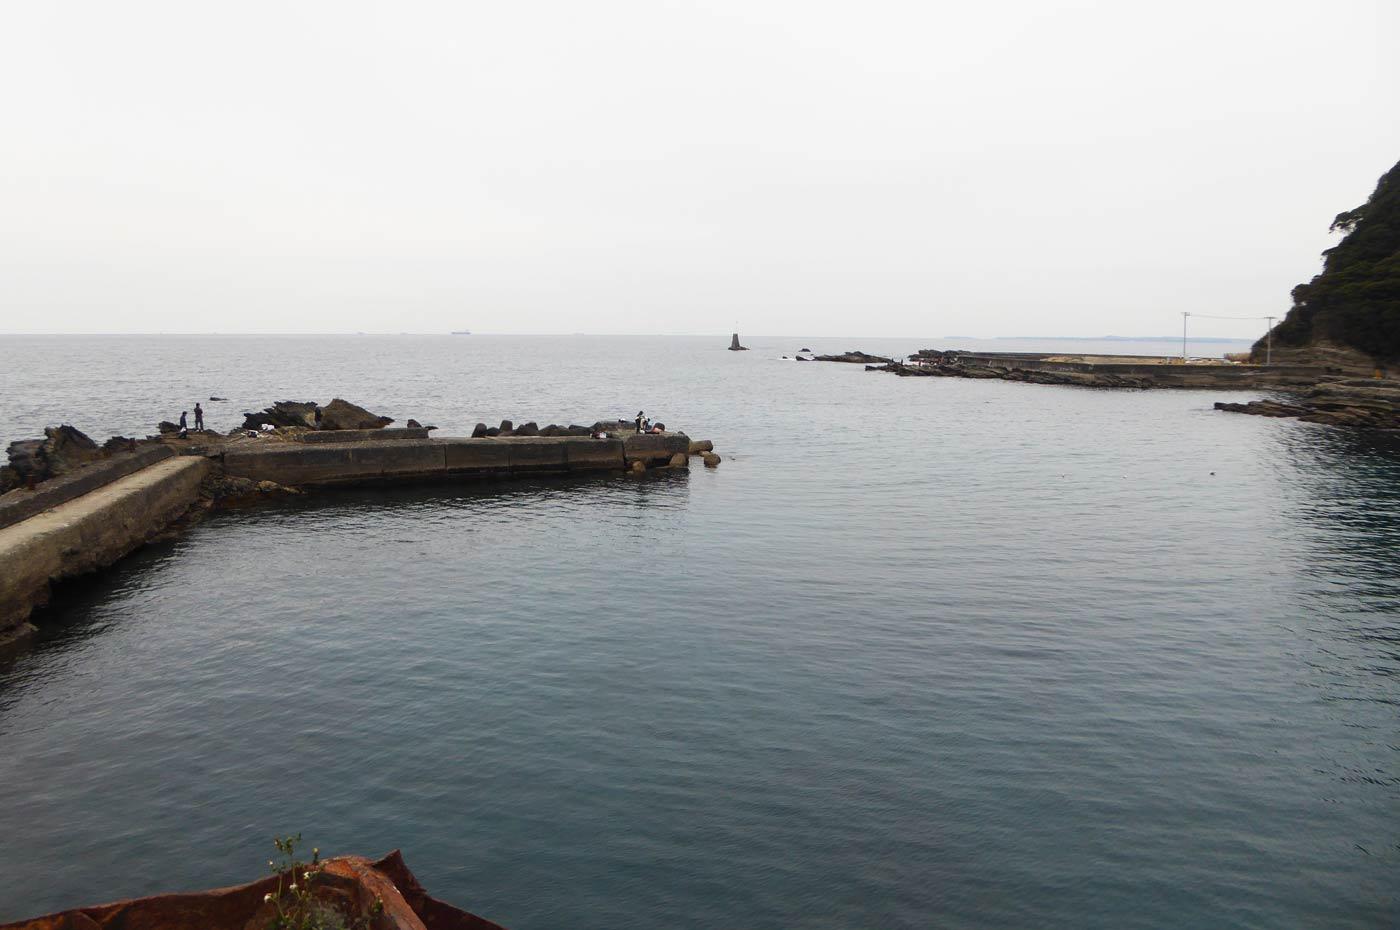 港左側の堤防のポイント